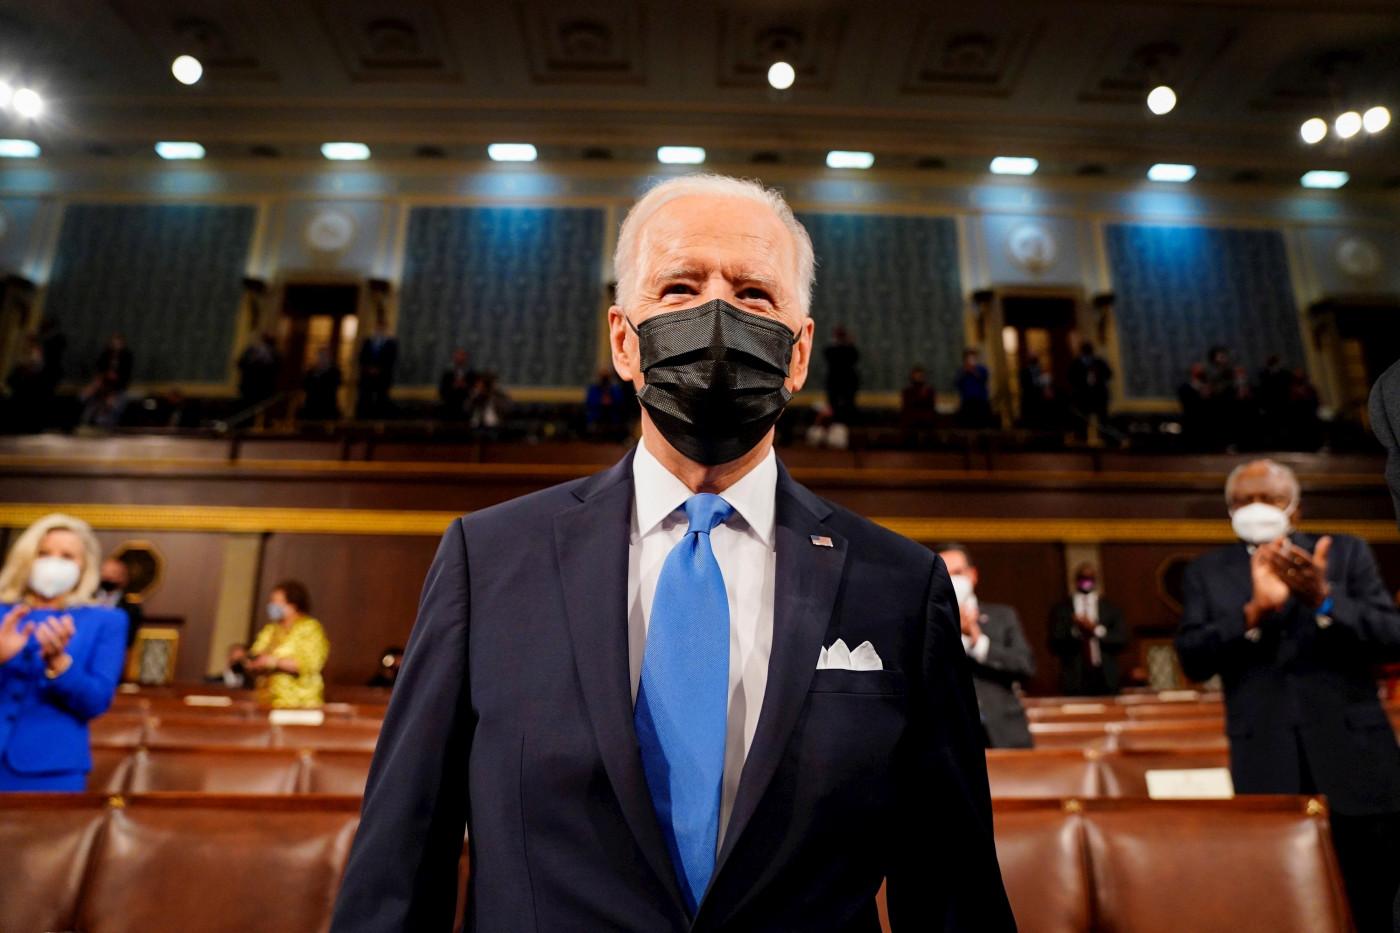 O presidente dos Estados Unidos, Joe Biden, durante discurso dos 100 primeiros dias do governo